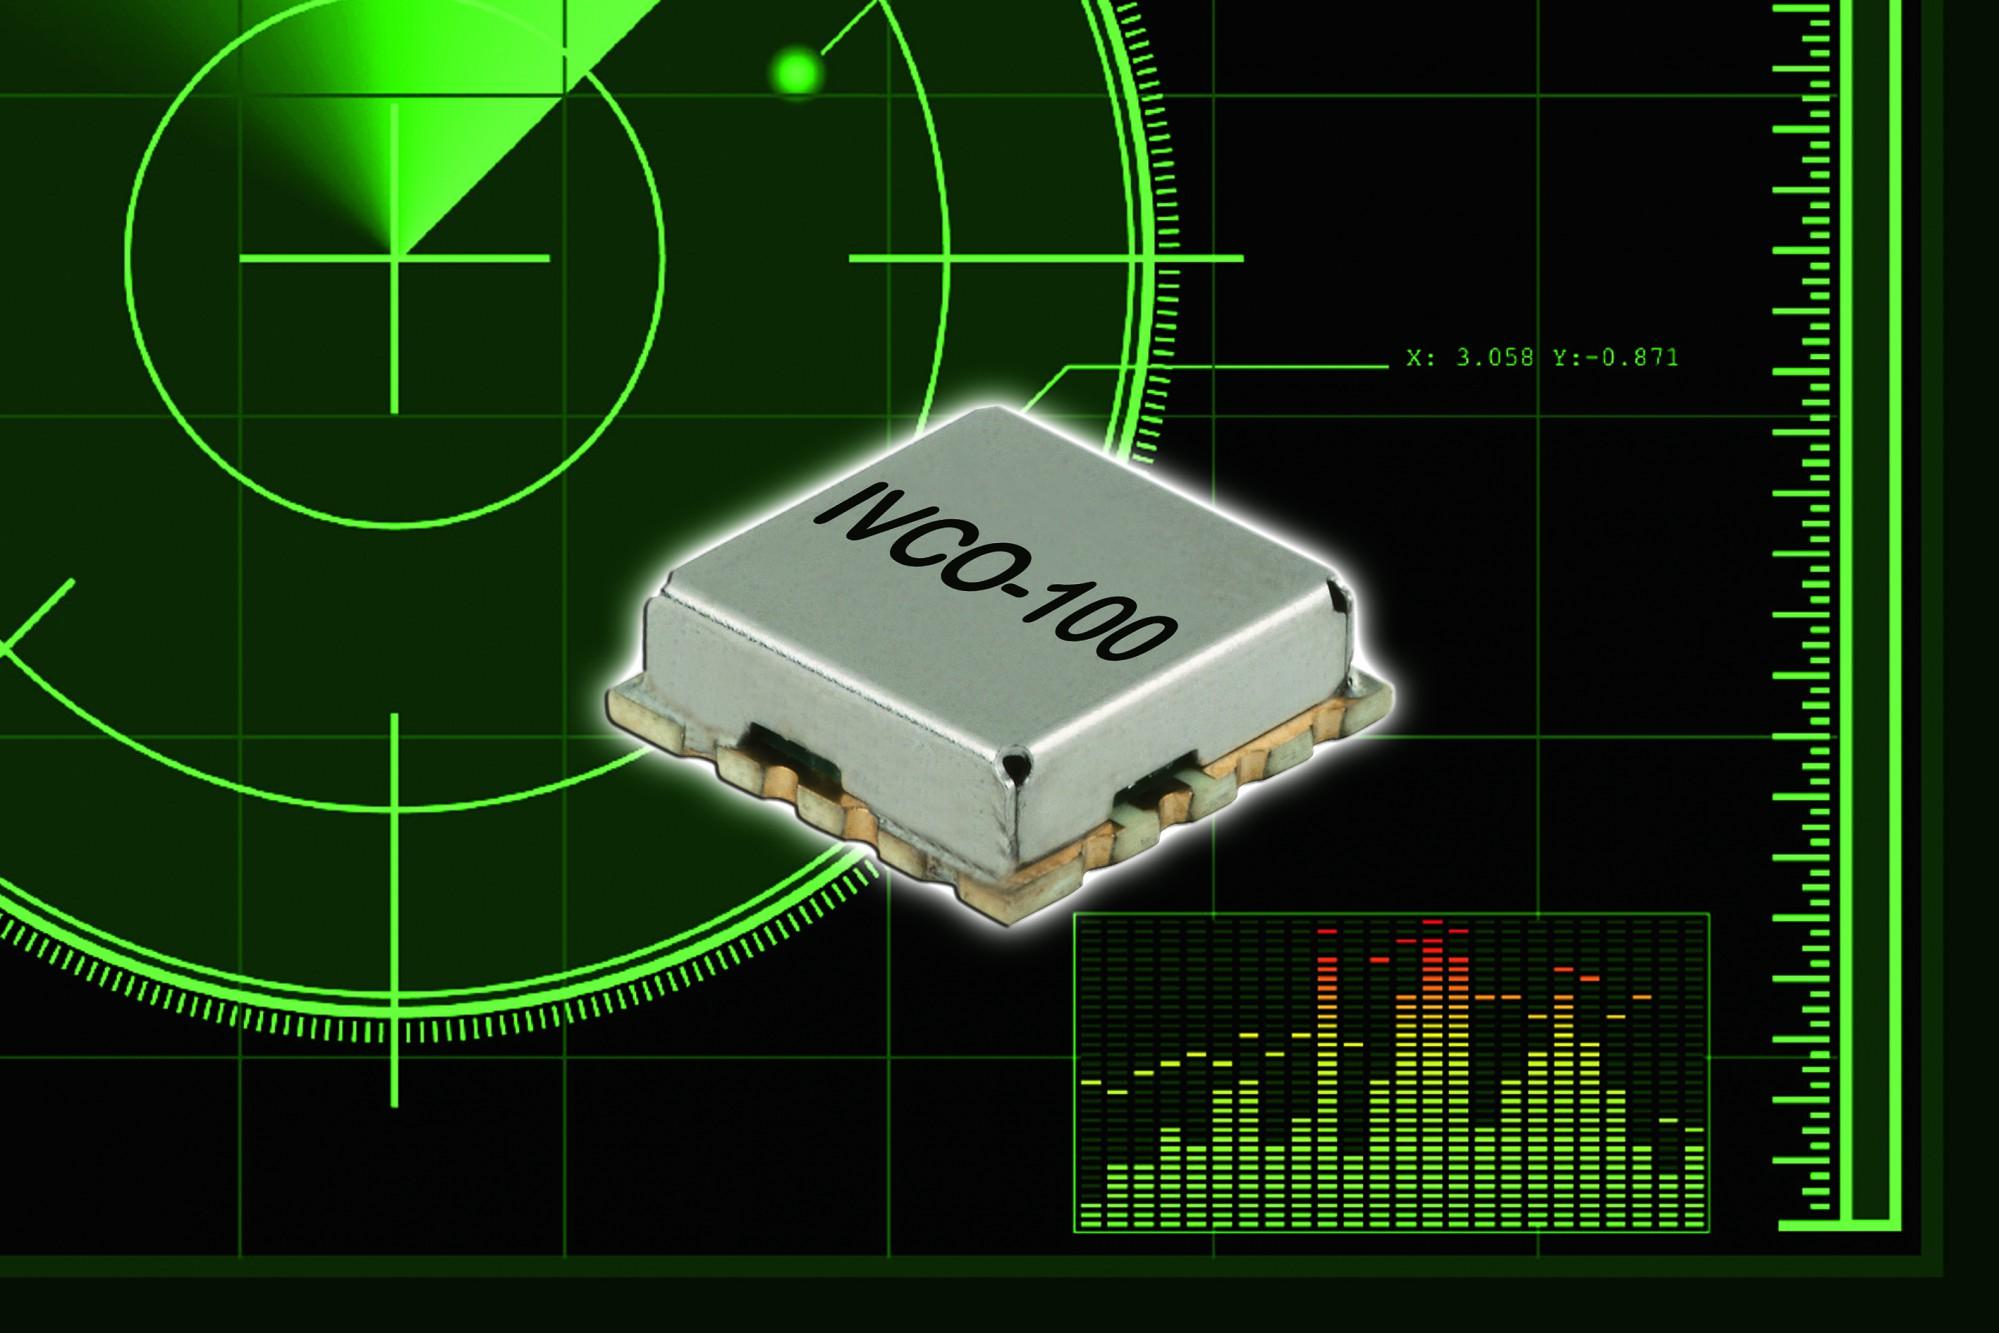 Neue VCO-Serie von IQD bietet weiten Frequenzbereich und ausgezeichnetes Phasenrauschen